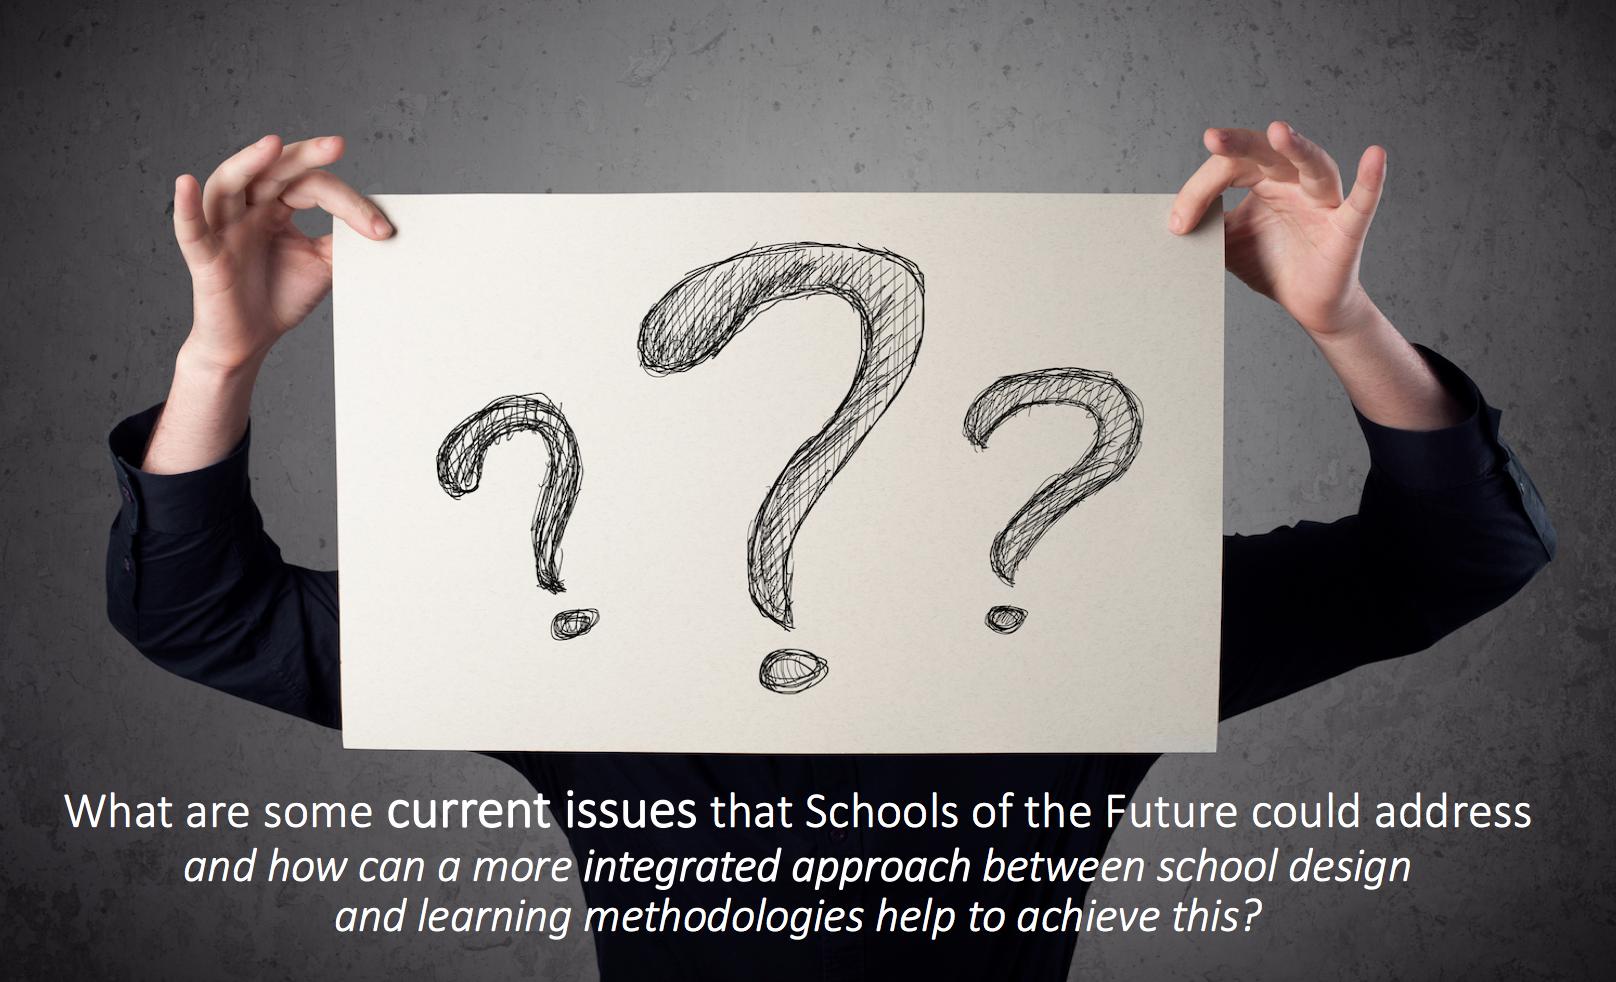 atelier aitken school of the future ideas 4